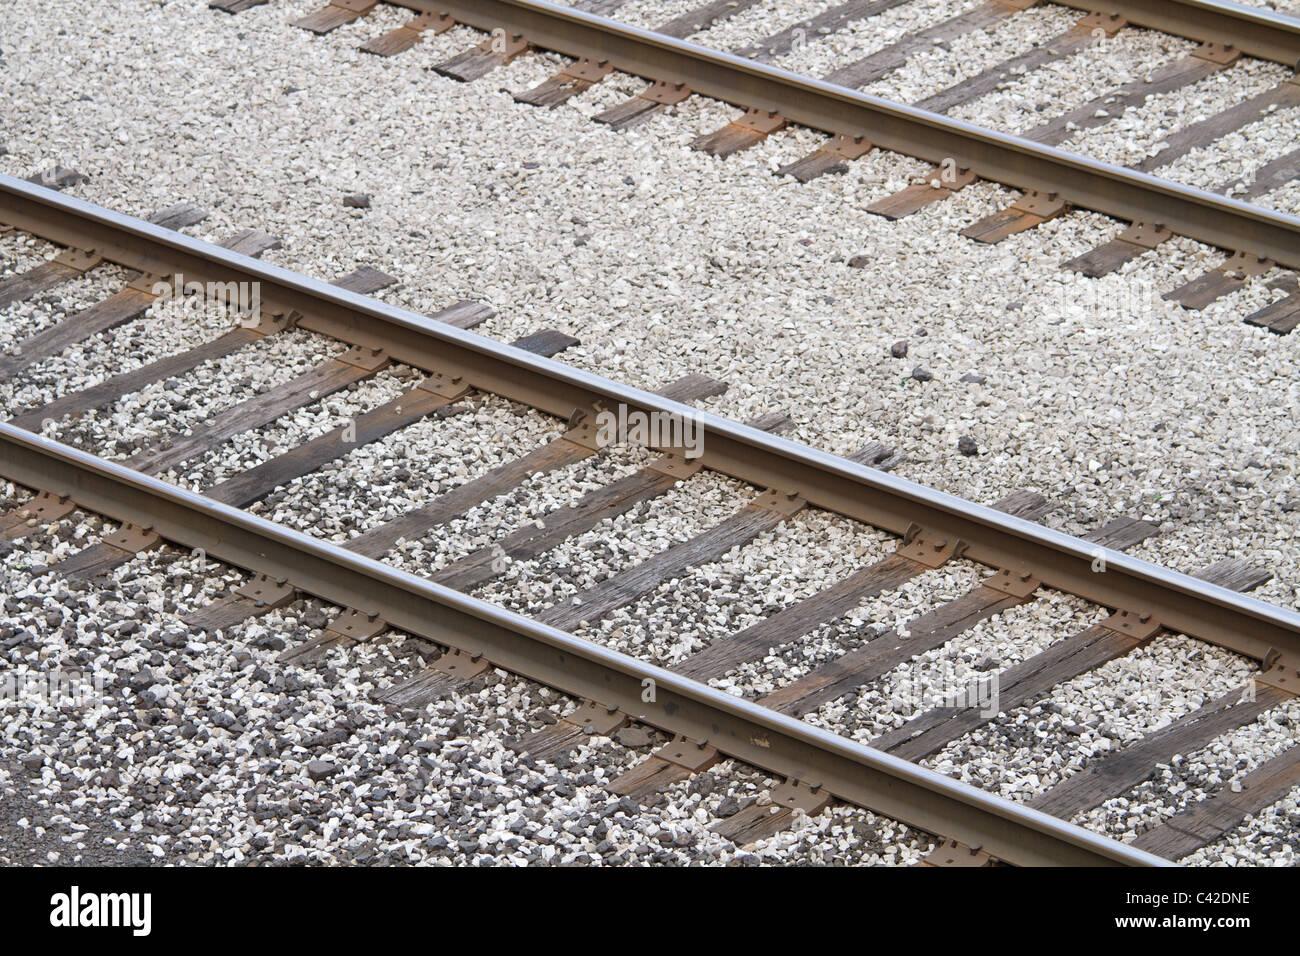 railroad track - Stock Image